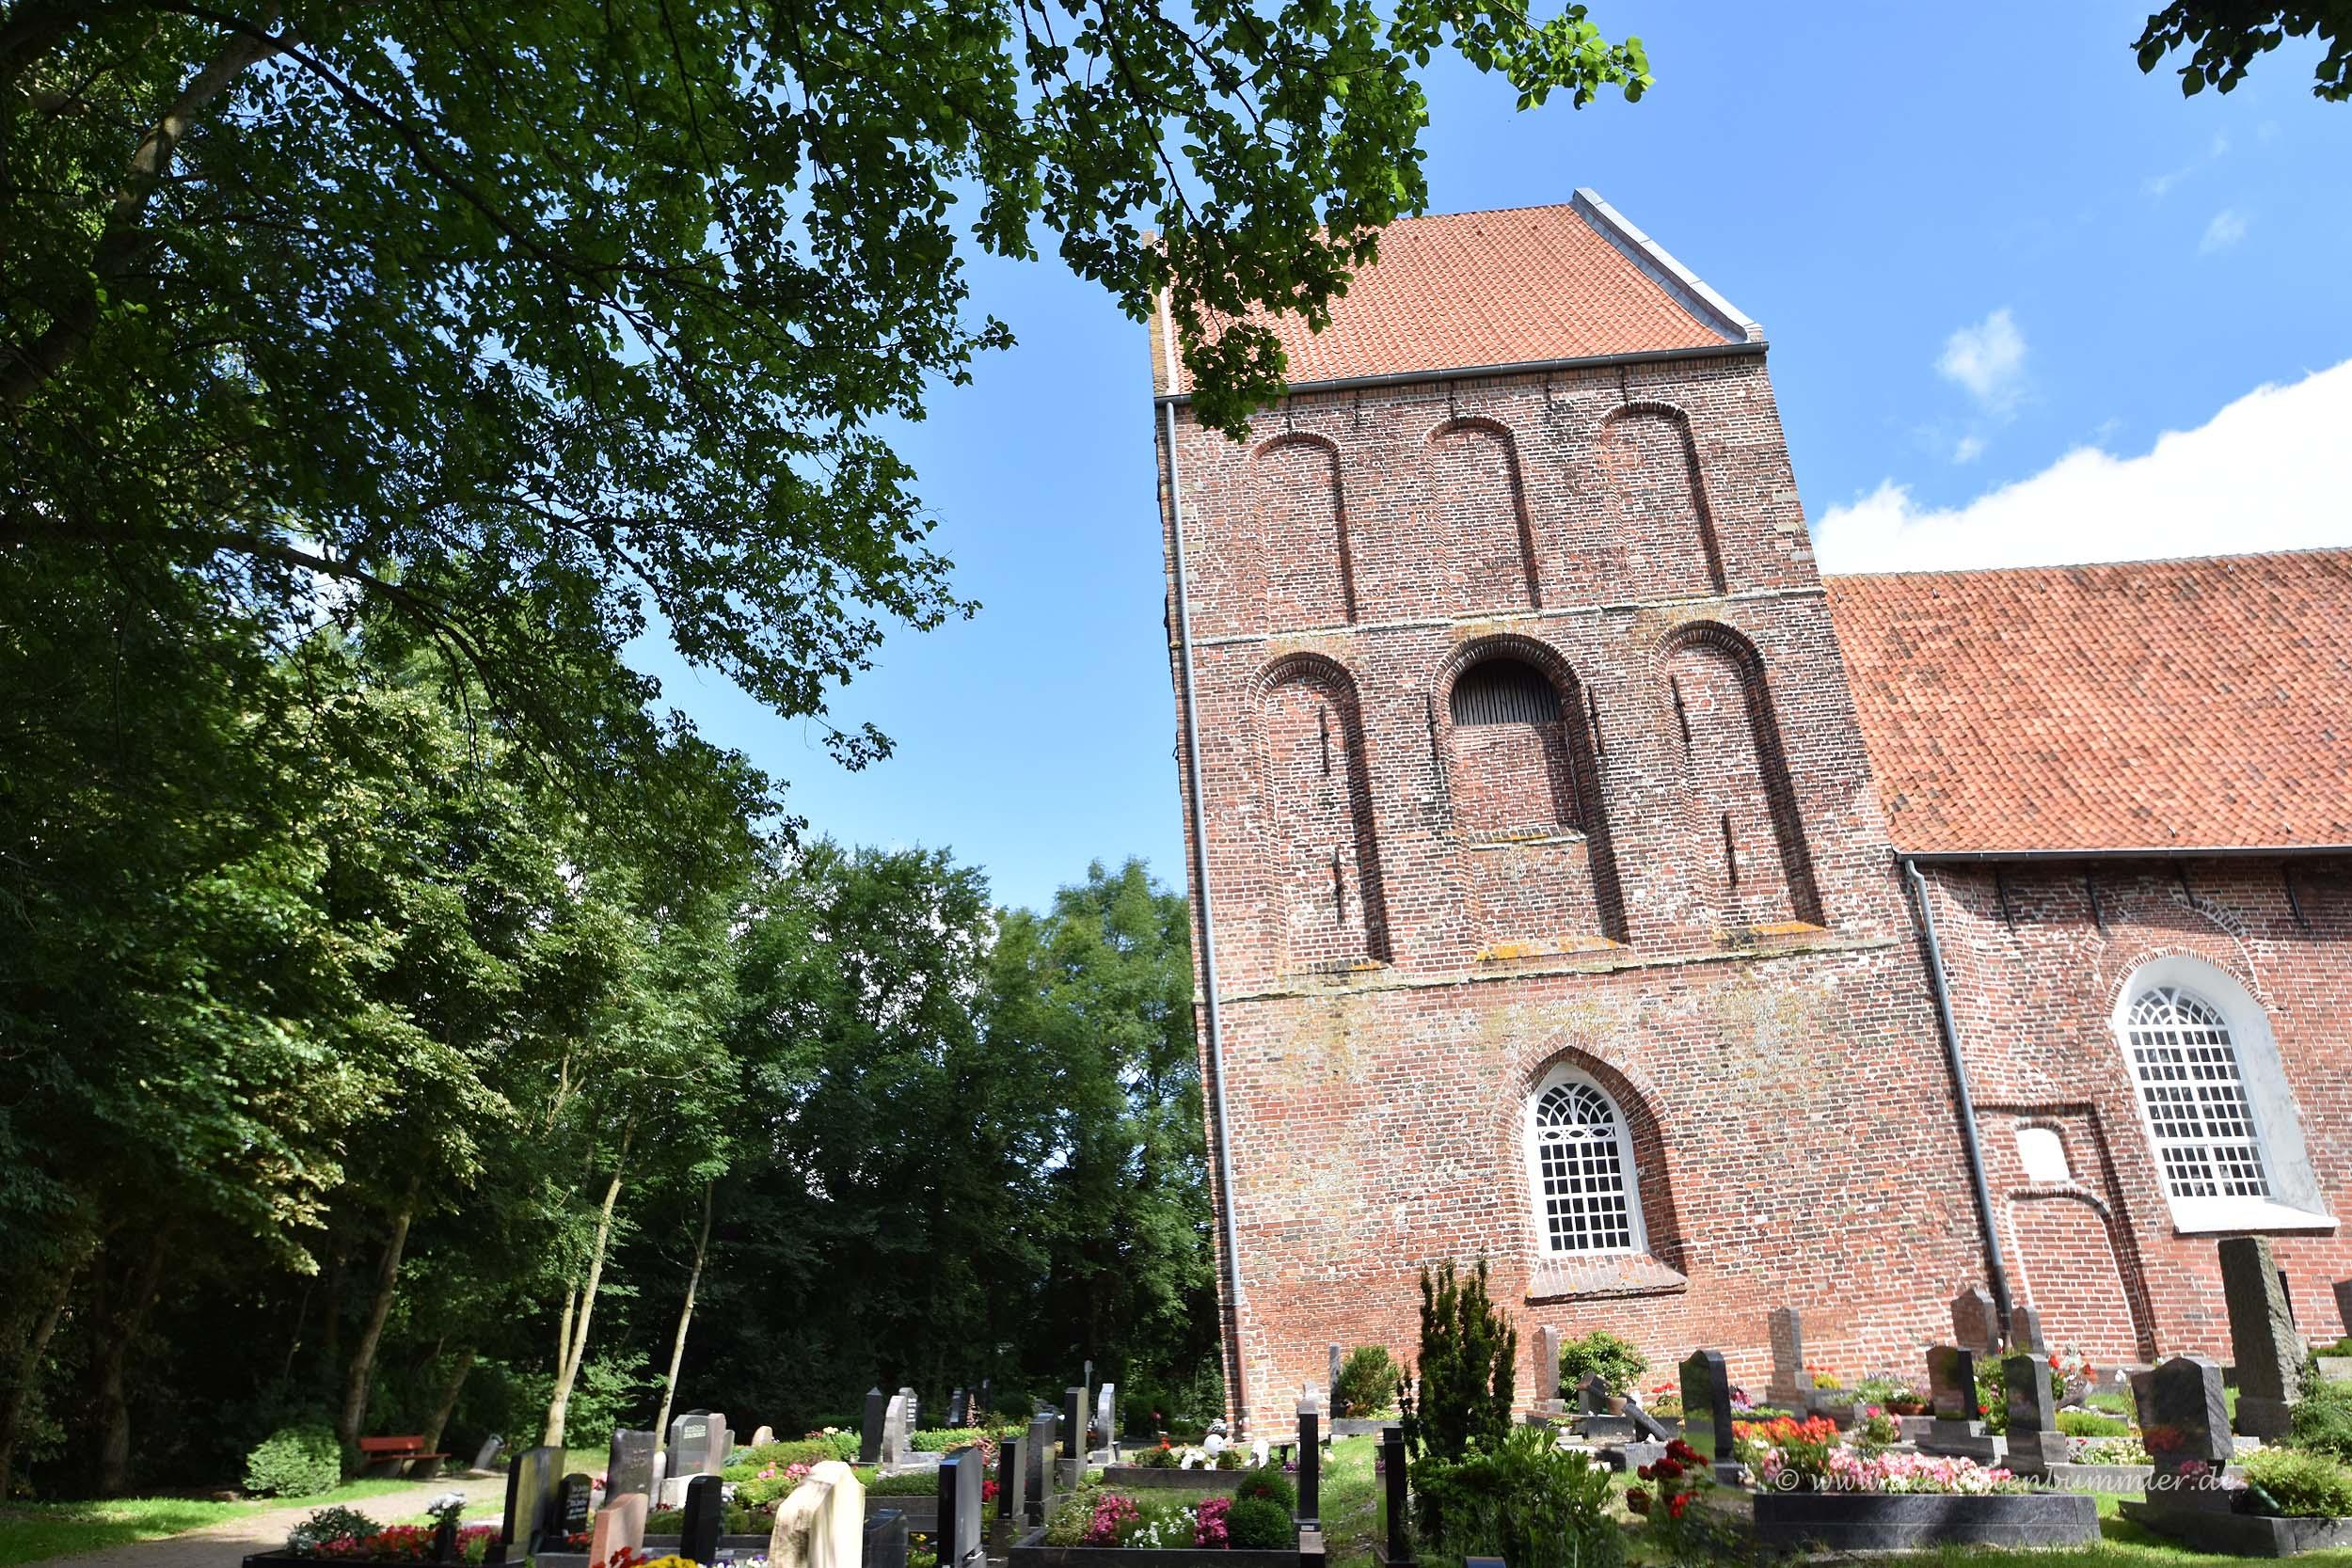 Kirchturm in Suurhusen